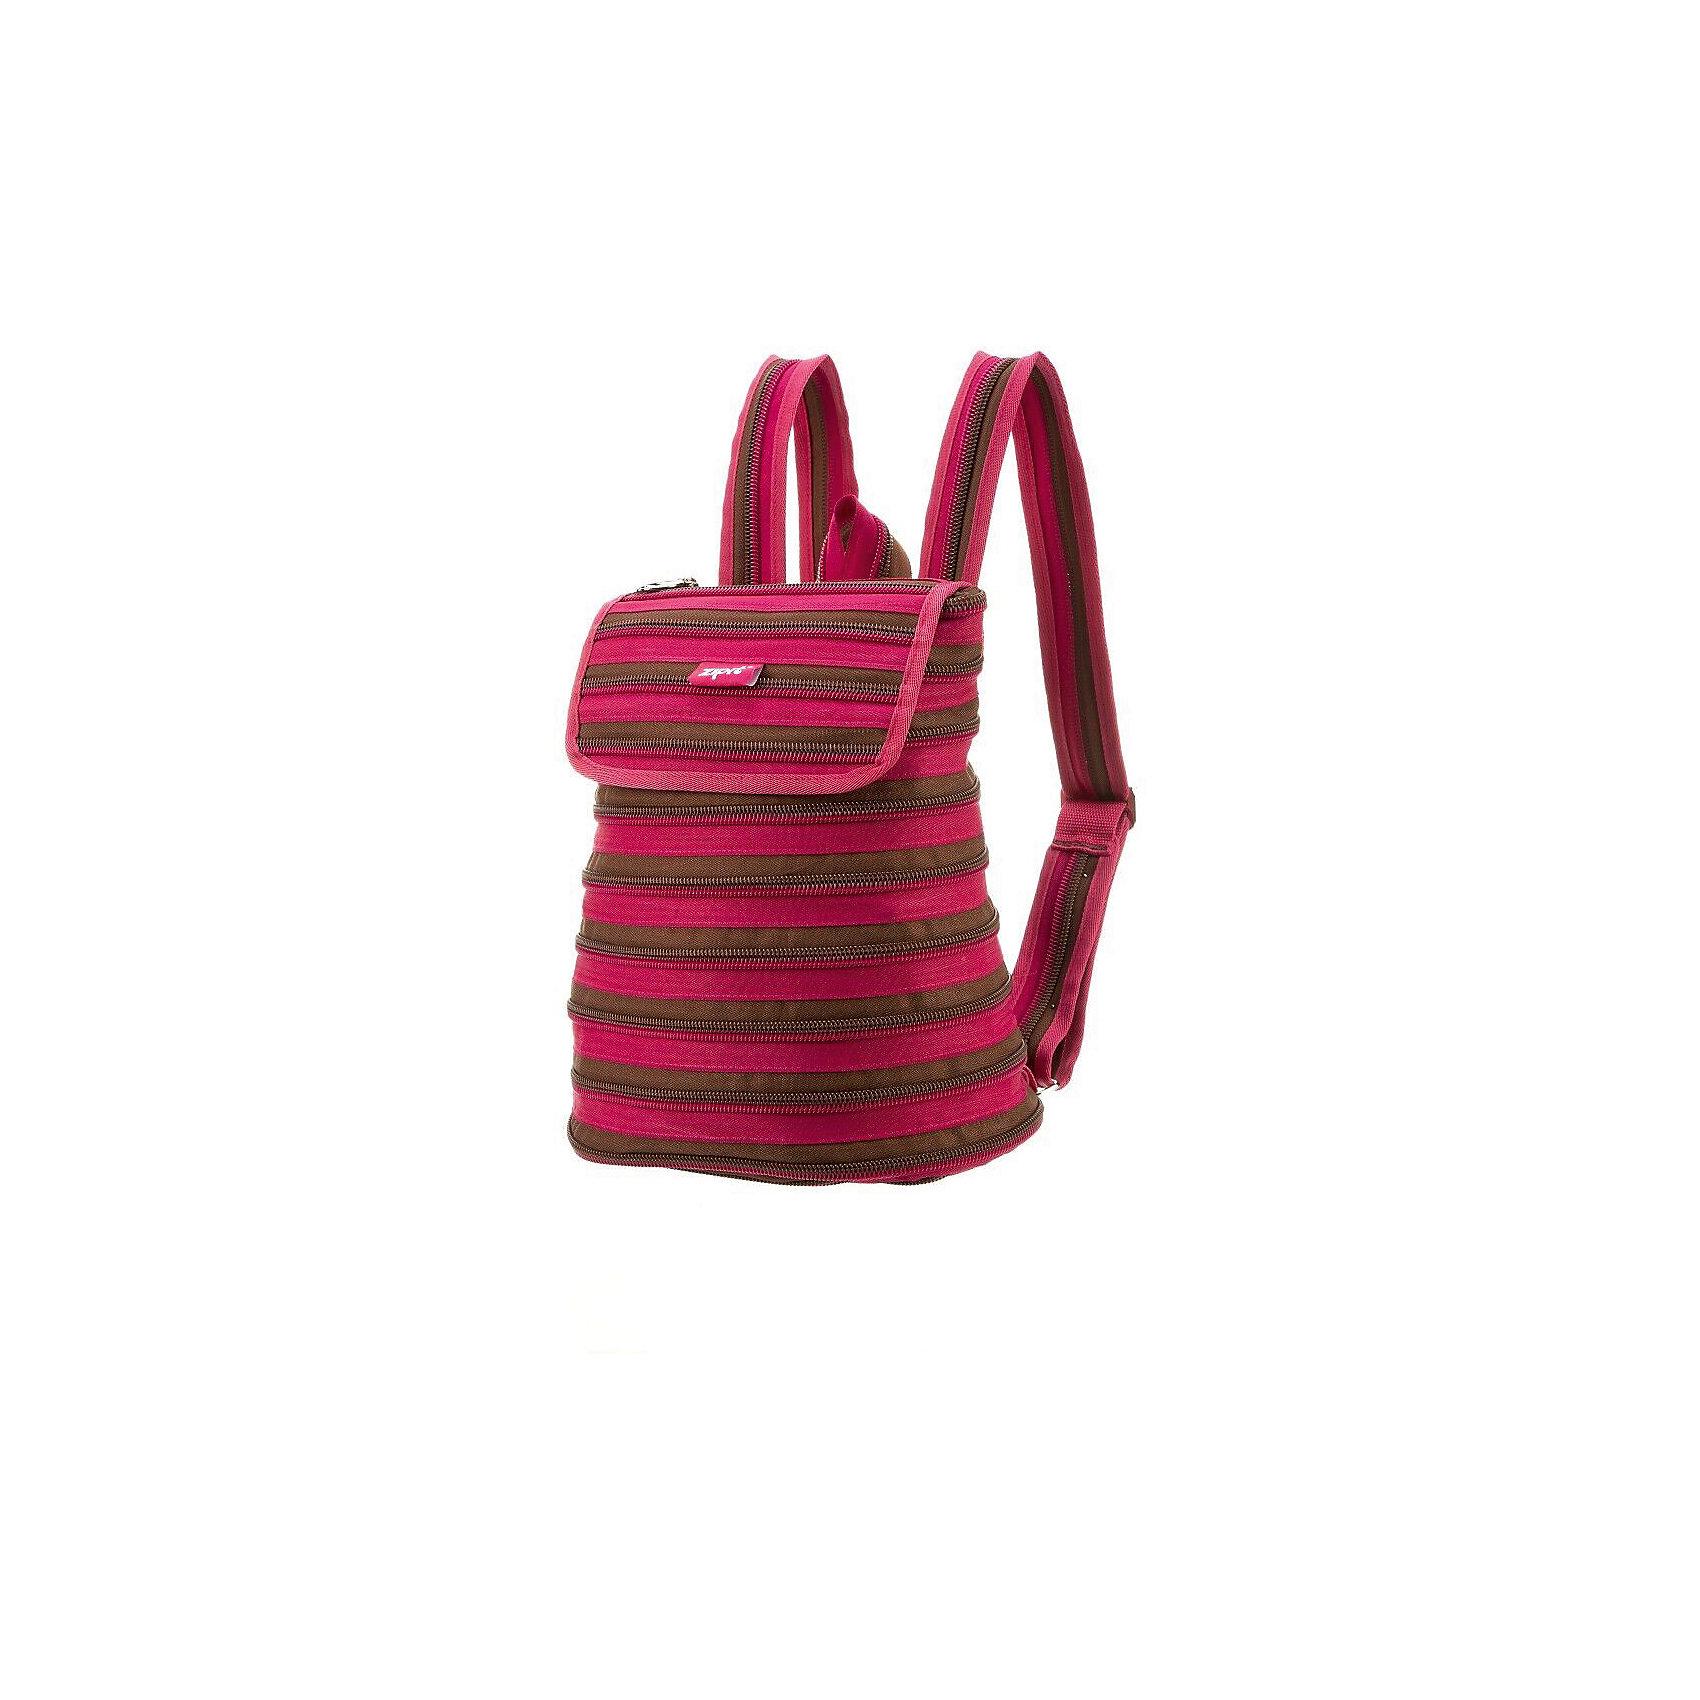 Рюкзак ZIPPER BACKPACK, цвет розовый/коричневыйРюкзаки<br>Характеристики товара:<br><br>• цвет: розовый/коричневый;<br>• возраст: от 7 лет;<br>• вес: 0,3 кг;<br>• размер: 32х13х33 см;<br>• просторное внутреннее отделение с несколькими карманами;<br>• изготовлен из застежки-молнии;<br>• молнию можно полностью расстегнуть;<br>• закрывается на молнию и на клапан на липучке;<br>• уплотненные лямки, регулируемые по длине;<br>• материал: полиэстер;<br>• страна бренда: США;<br>• страна изготовитель: Китай.<br><br>Рюкзак Zipit «Zipper Backpack» - стильный рюкзак для маленькой модницы, который подойдет для повседневной носки. Рюкзак отличается своим необычным дизайном, выполненным в виде одной молнии, которая крутится по спирали по всему рюкзаку.<br><br>Рюкзак Zipit «Zipper Backpack» можно купить в нашем интернет-магазине.<br><br>Ширина мм: 320<br>Глубина мм: 130<br>Высота мм: 330<br>Вес г: 300<br>Возраст от месяцев: 84<br>Возраст до месяцев: 480<br>Пол: Унисекс<br>Возраст: Детский<br>SKU: 7054157